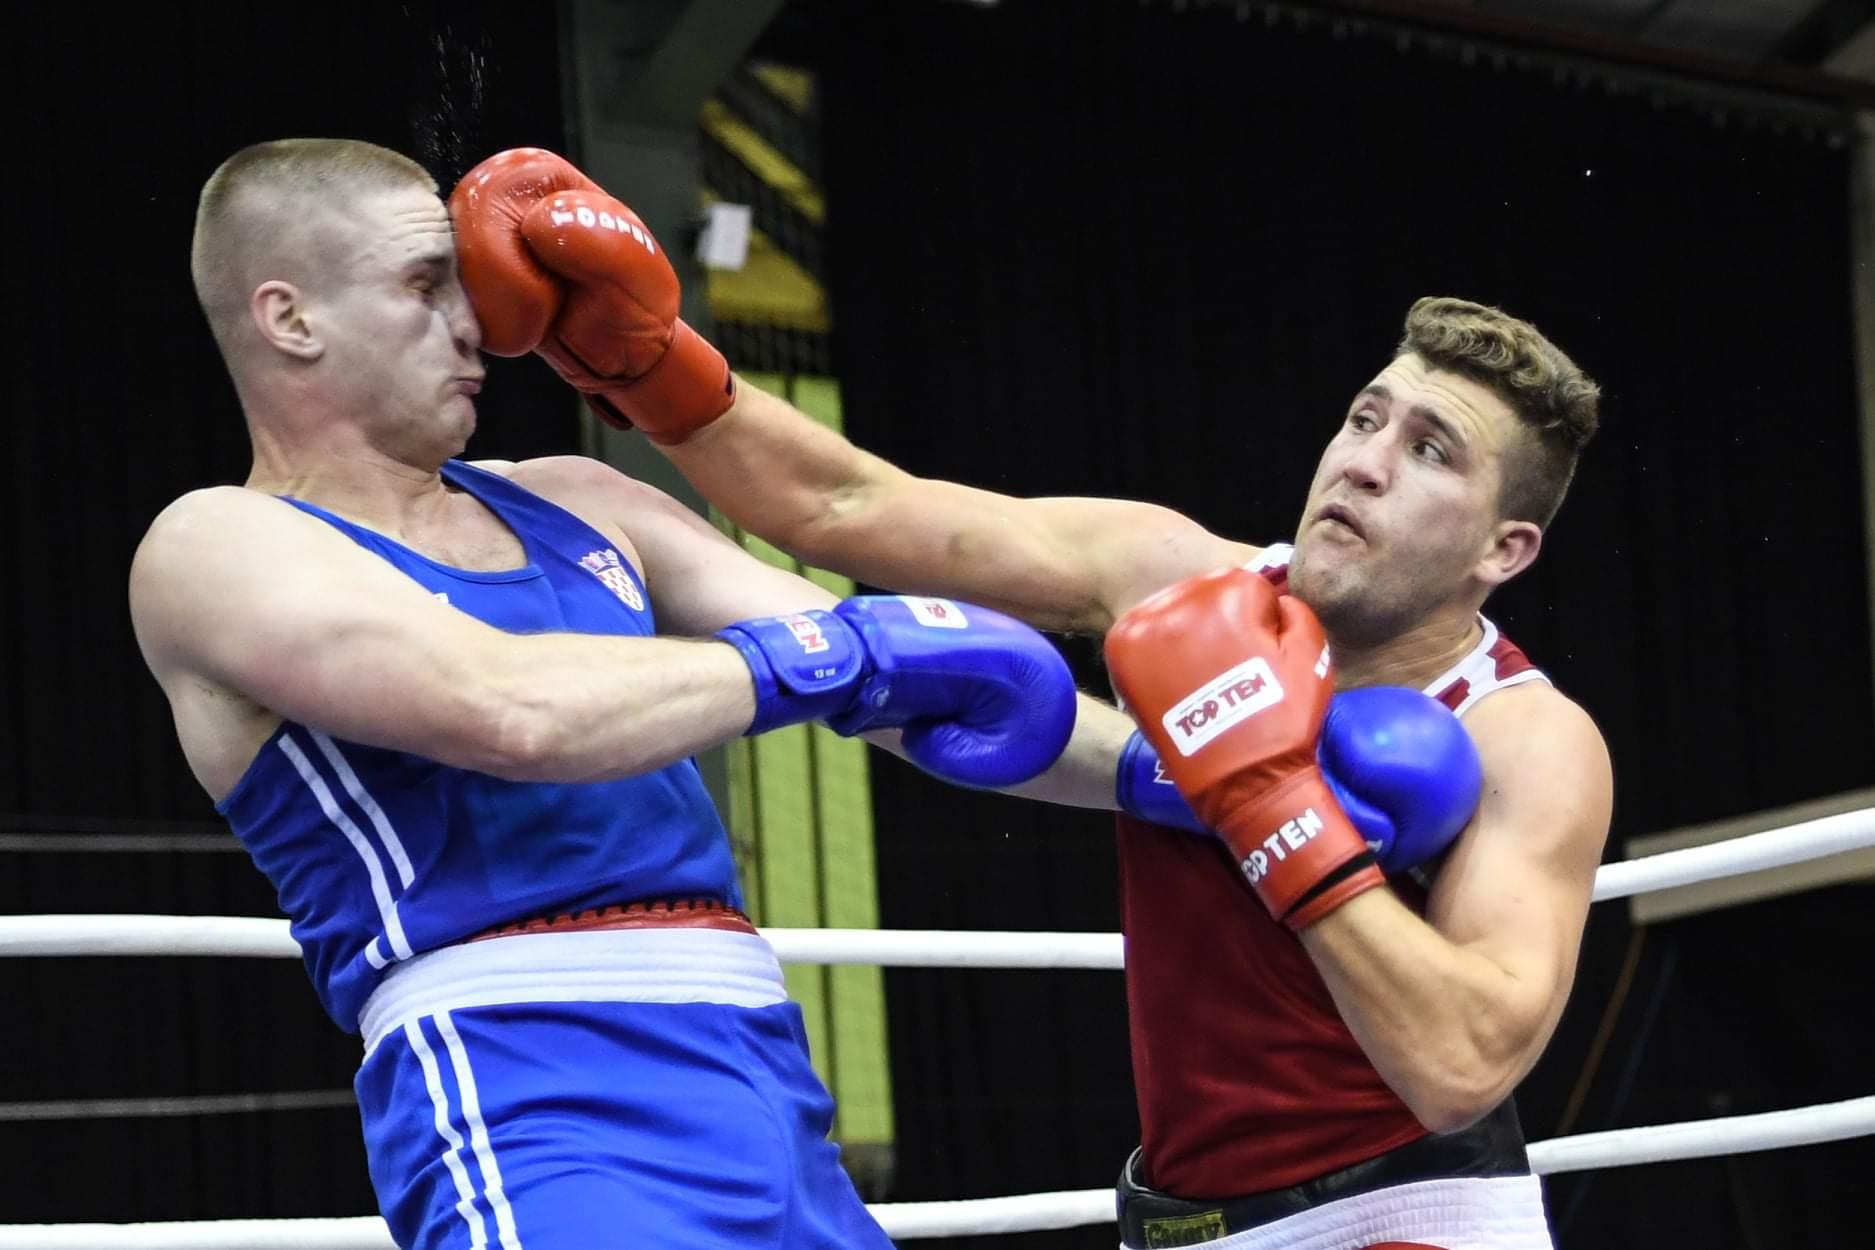 الدورة الدولية ''بوكسكاي إستفان ميموريال'': نتائج الملاكمين الجزائريين في اليوم الرابع